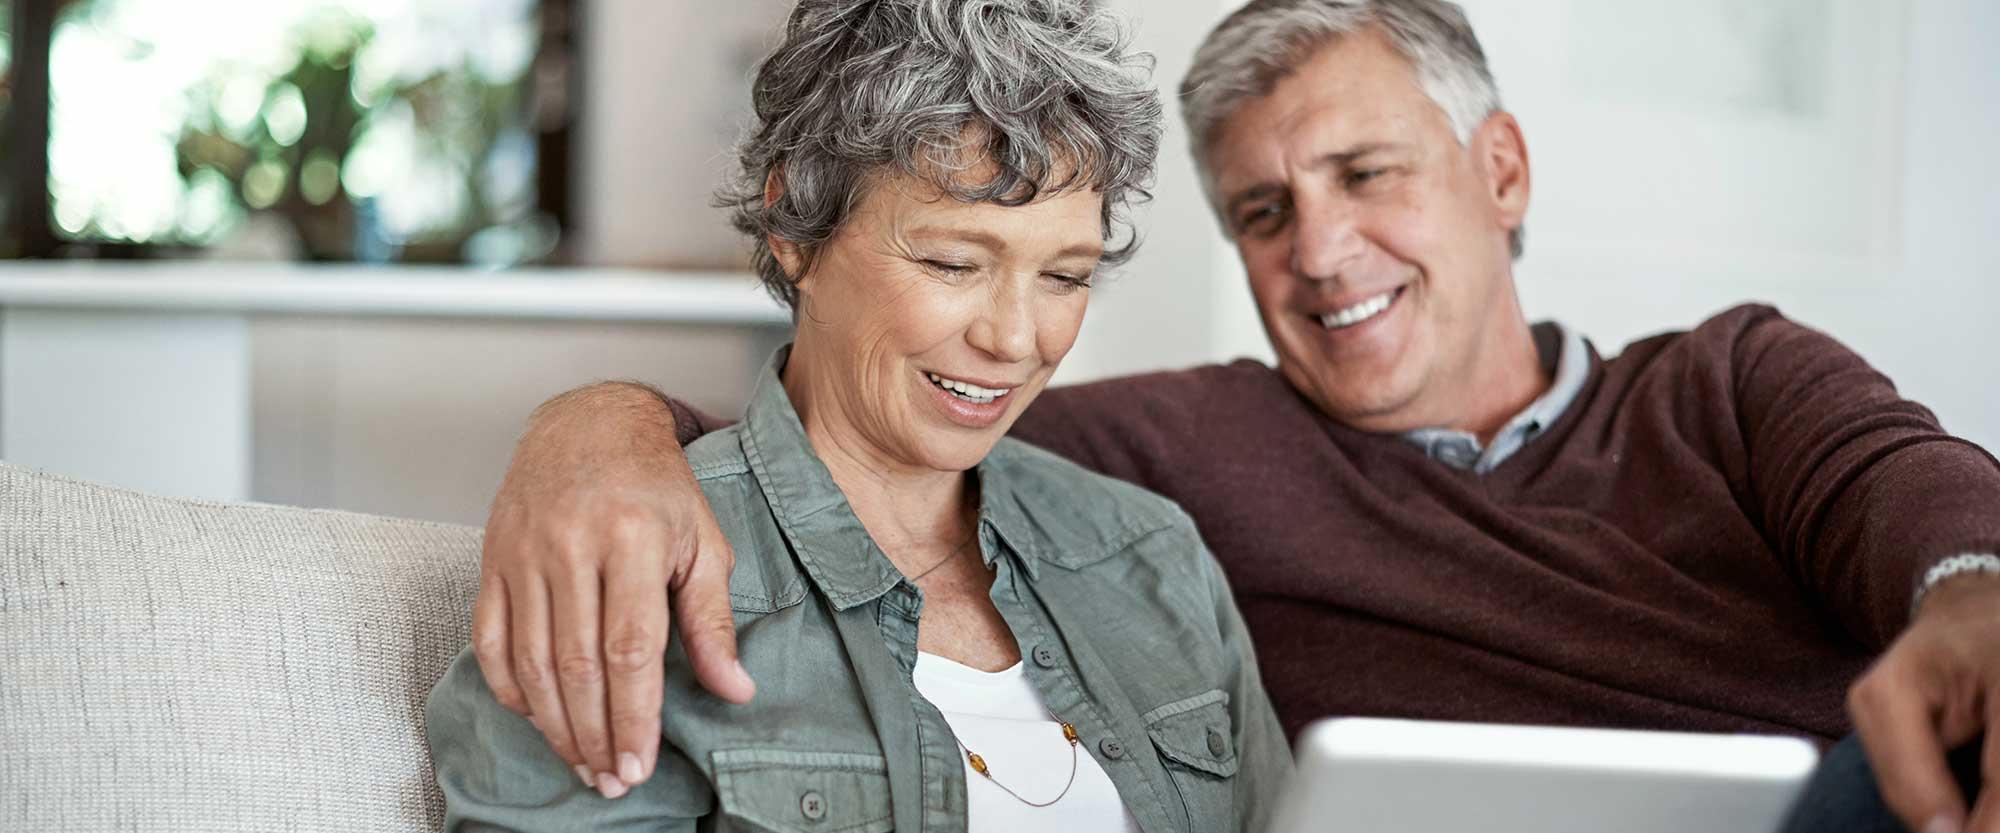 Mann und Frau informieren sich über Implantate und lächeln